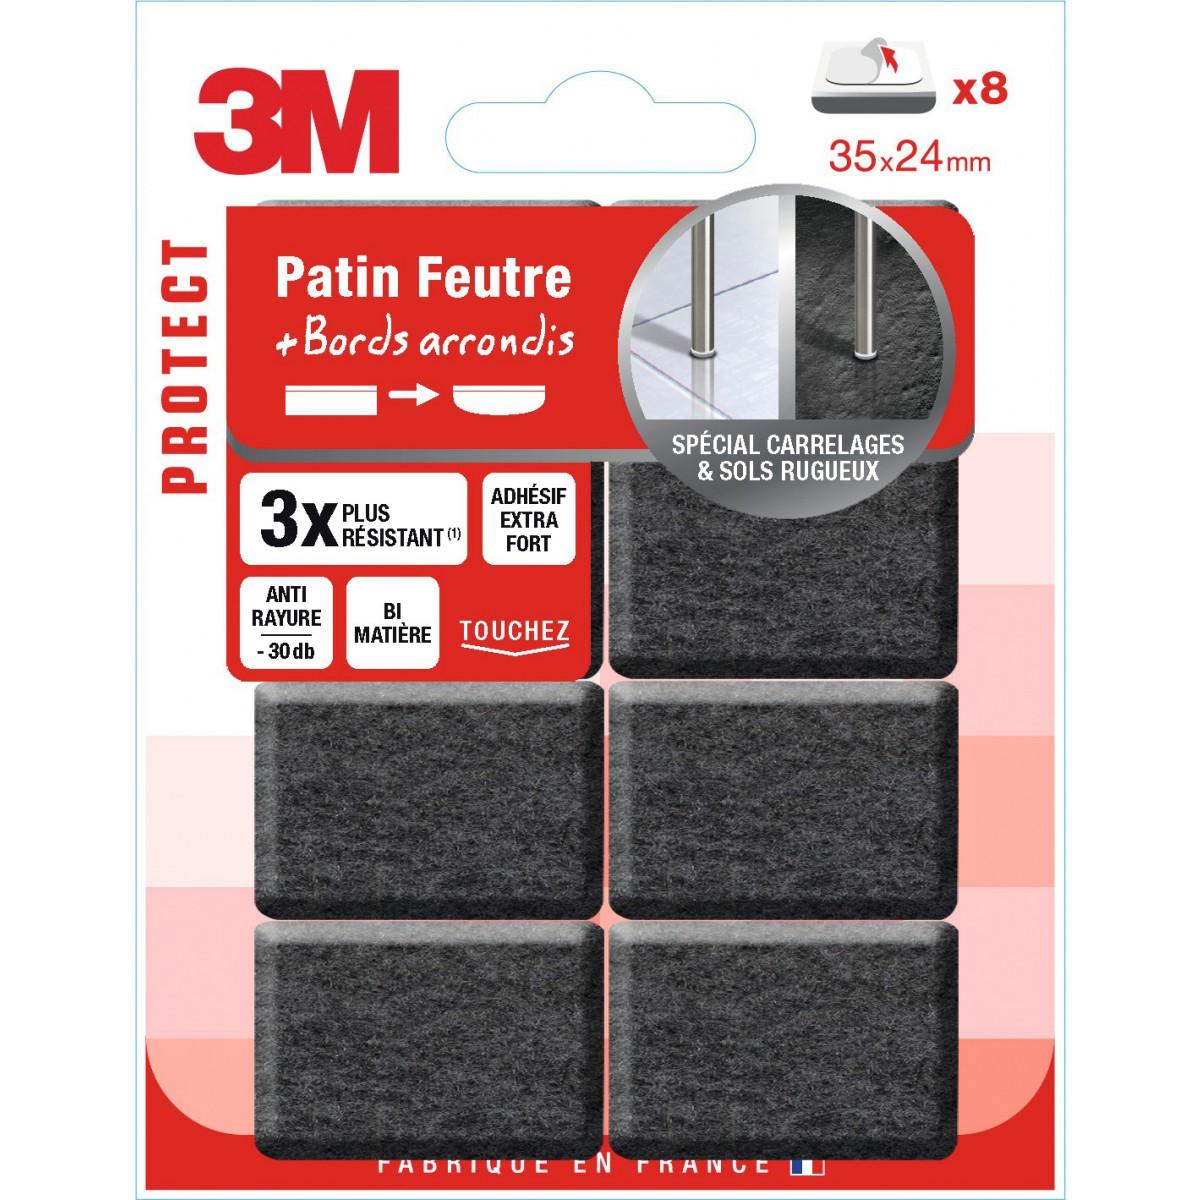 Patin adhésif feutre bords arrondis Spécial carrelage et sols rugueux 3M - Dimensions 35 x 24 mm - Vendu par 8